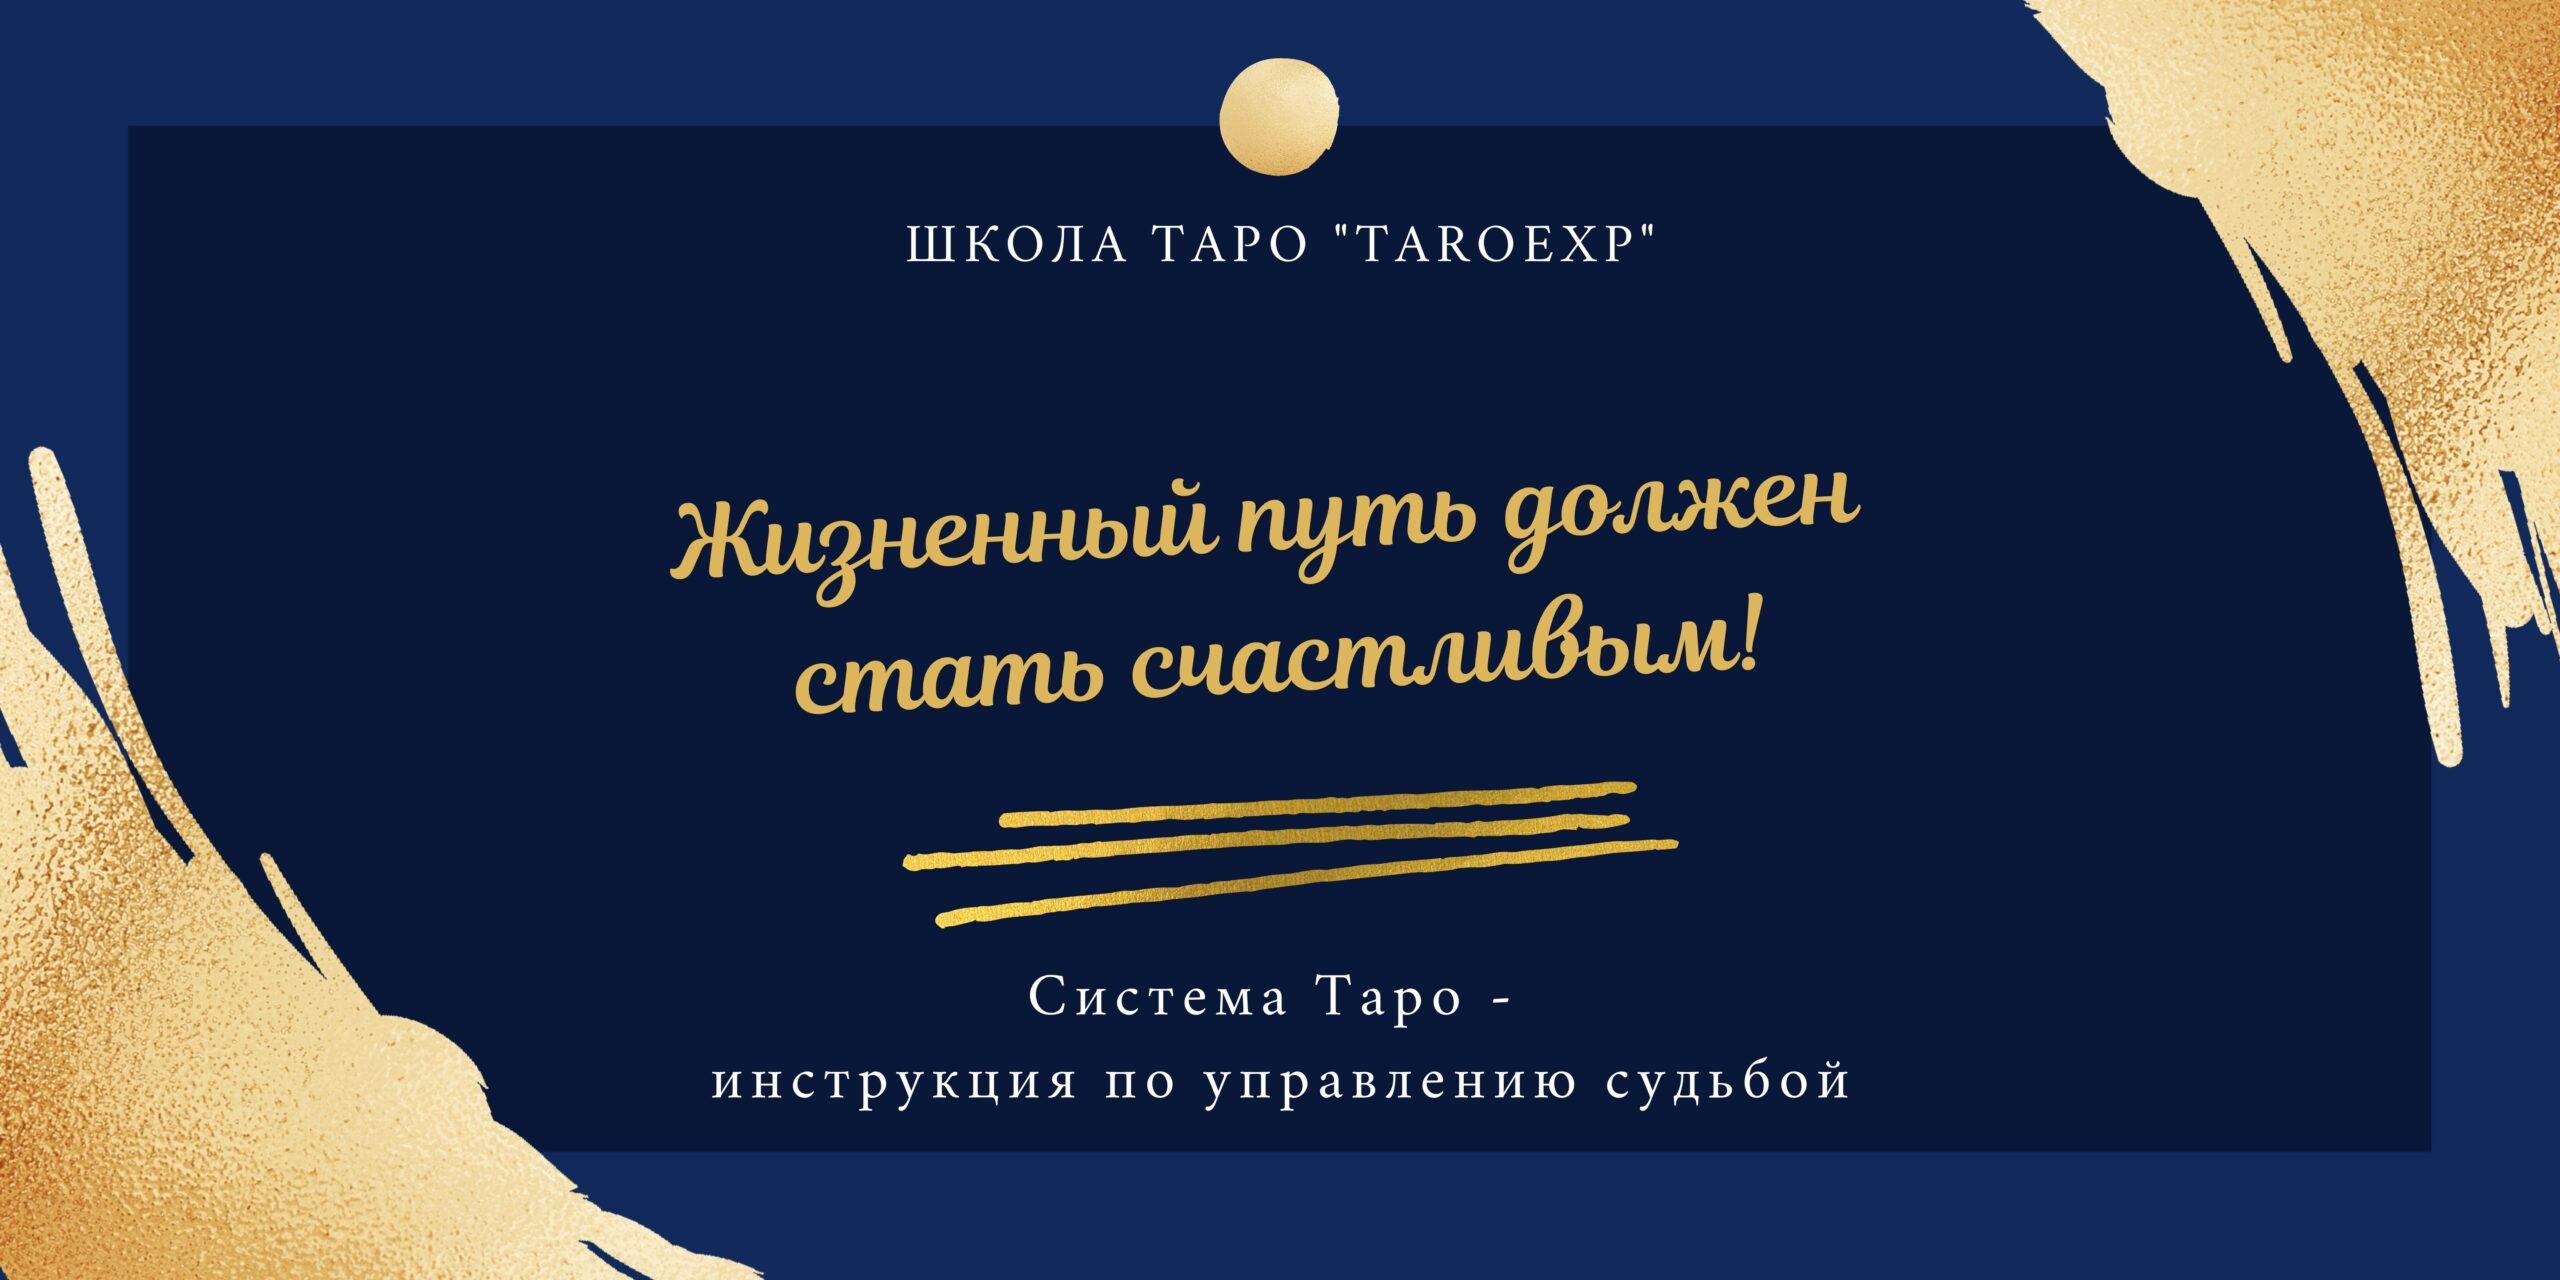 ШКОЛА ТАРО taroexp